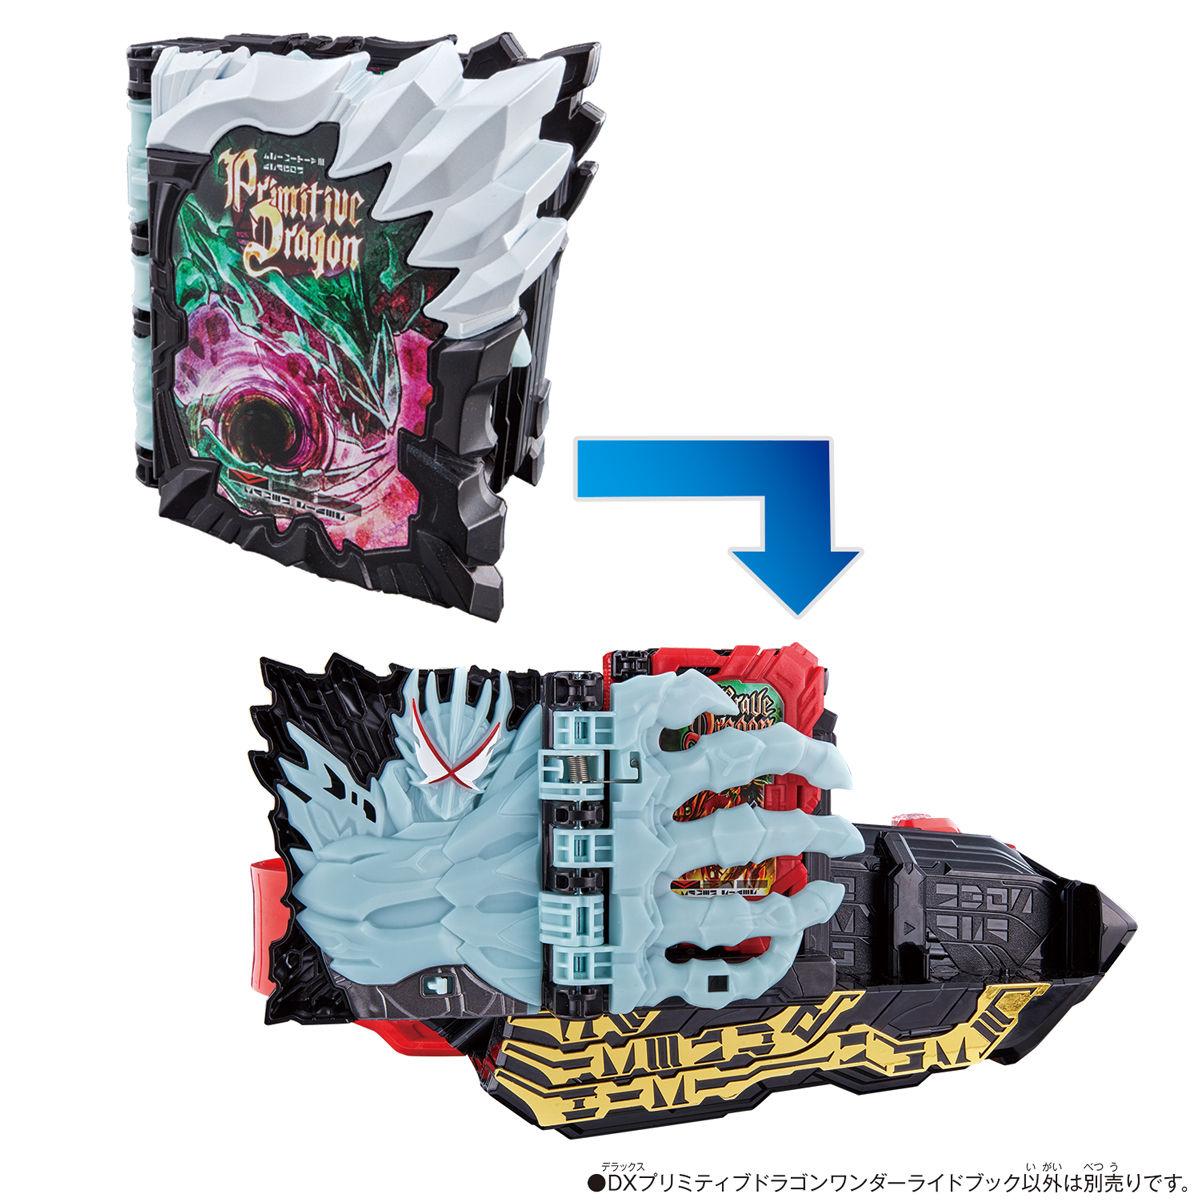 仮面ライダーセイバー『DXプリミティブドラゴンワンダーライドブック』変身なりきり-003